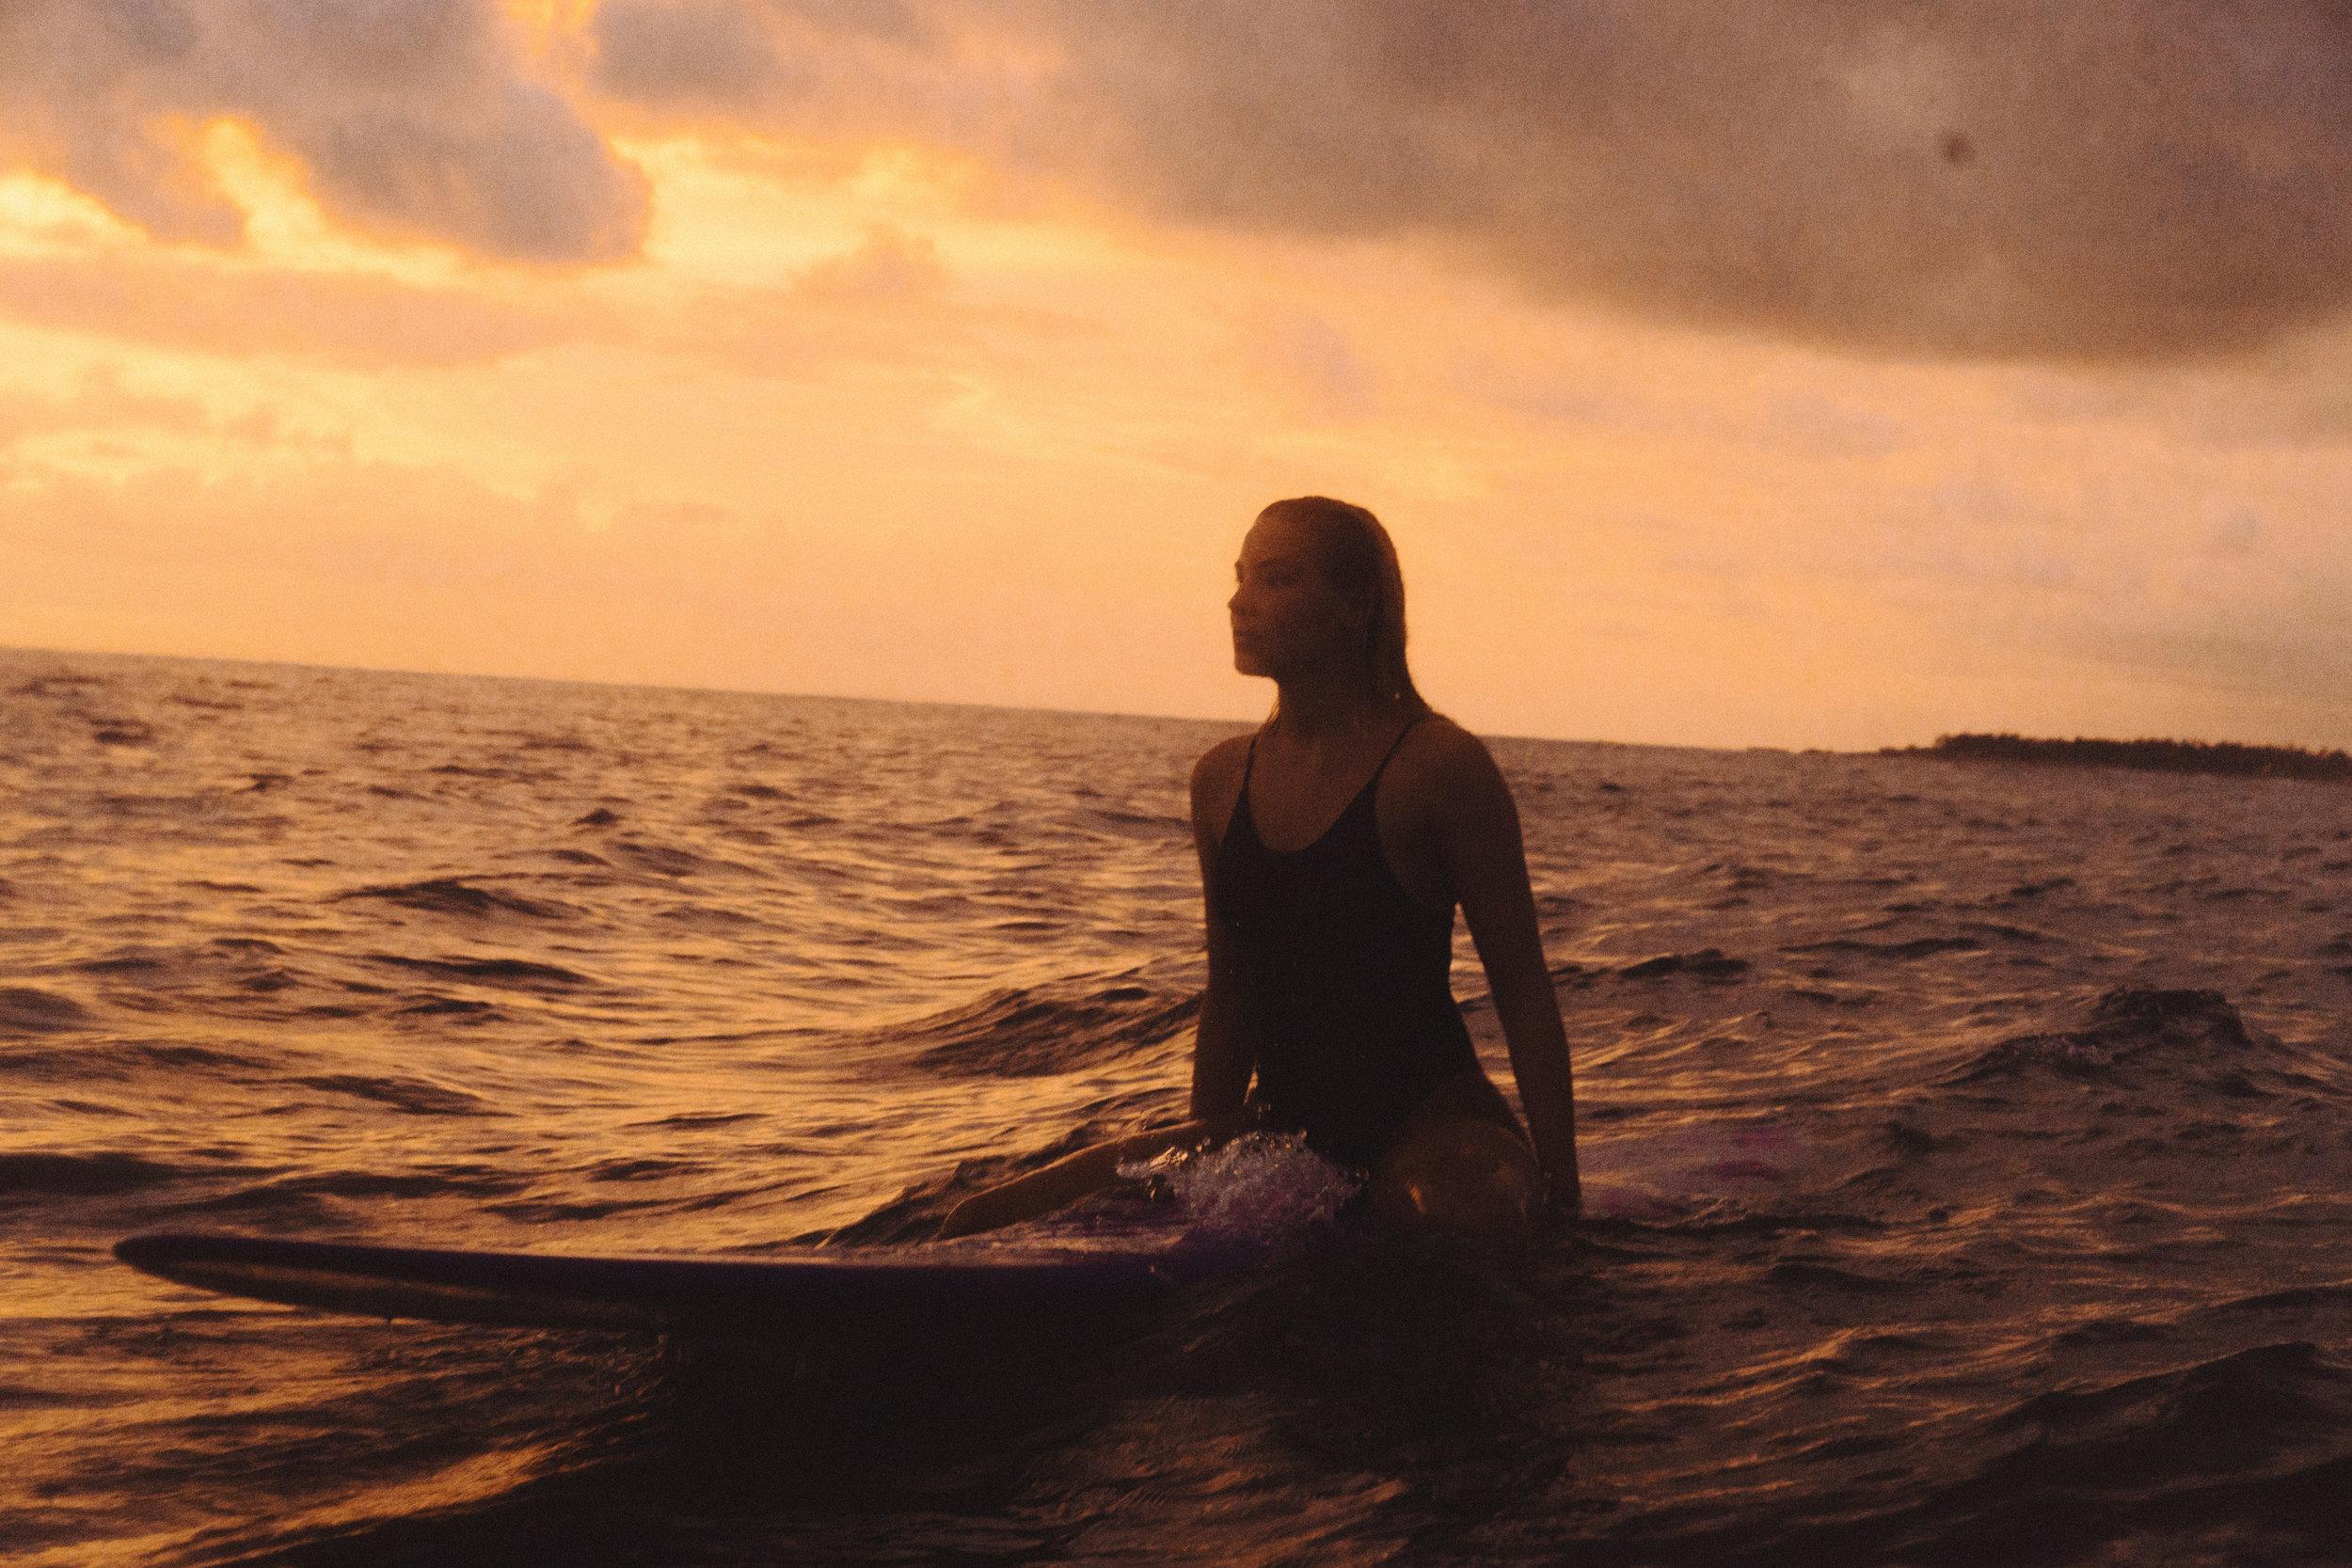 erik_winter_surf_surfing_24.jpg